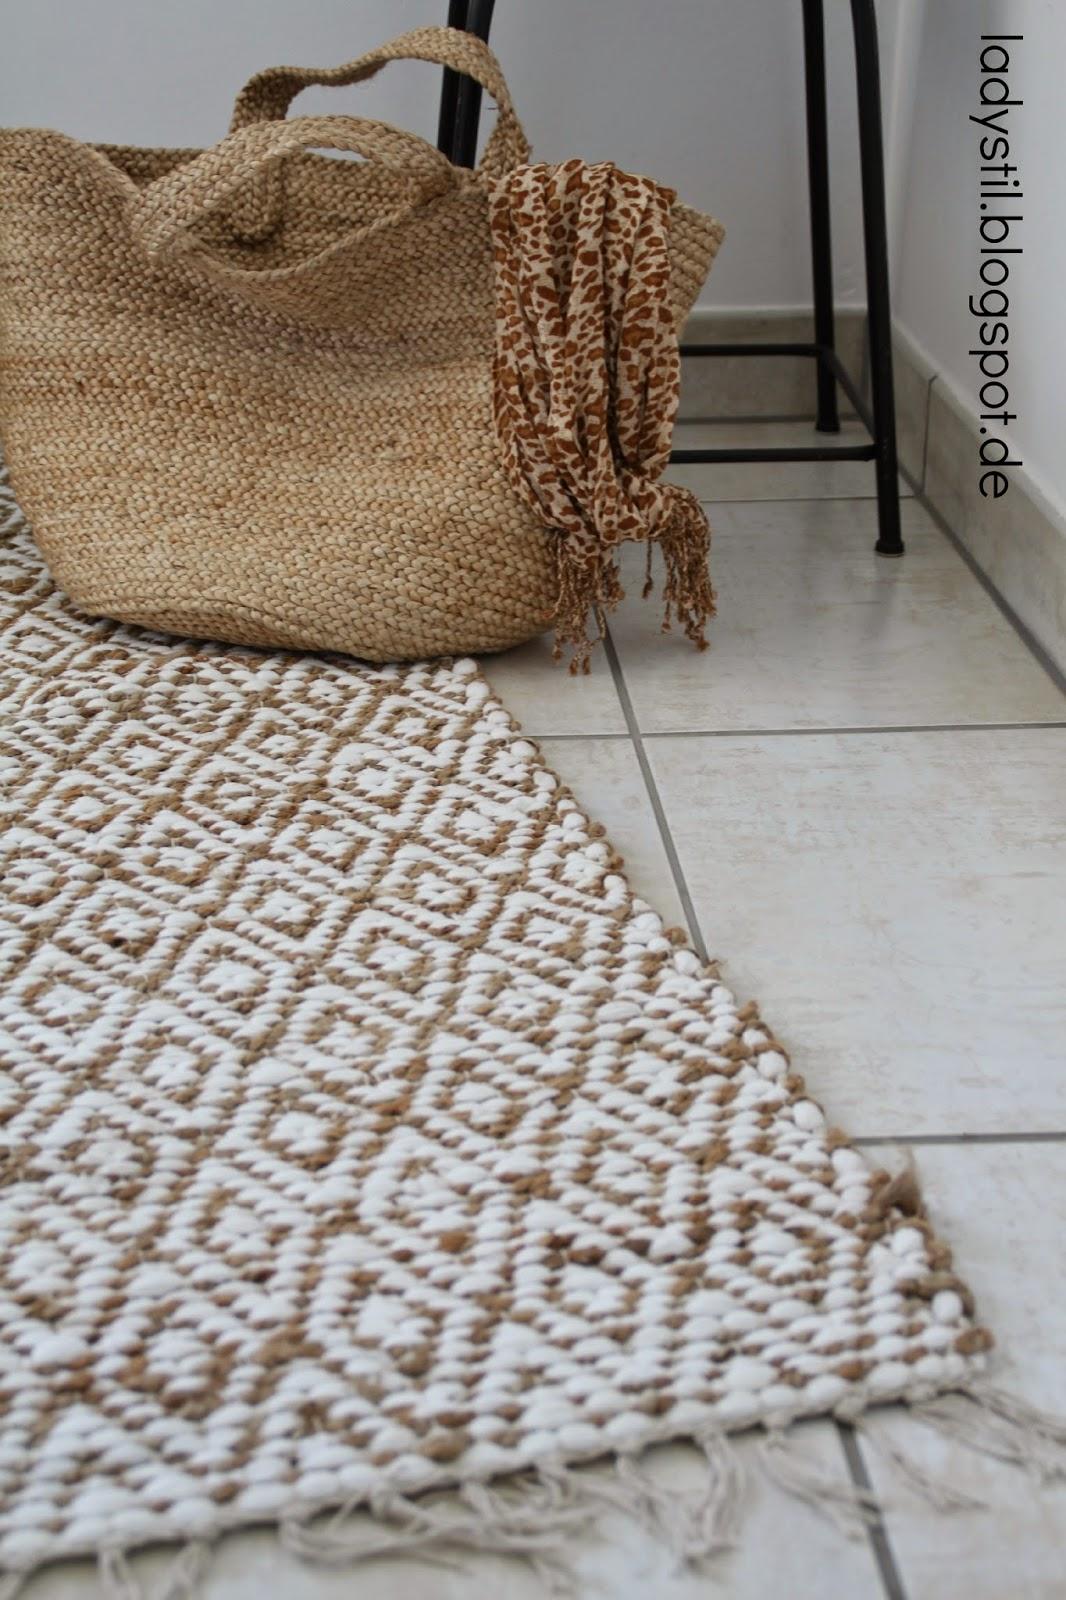 Großaufnahme eines beige weiß gemusterten Teppichs mit Basttasche